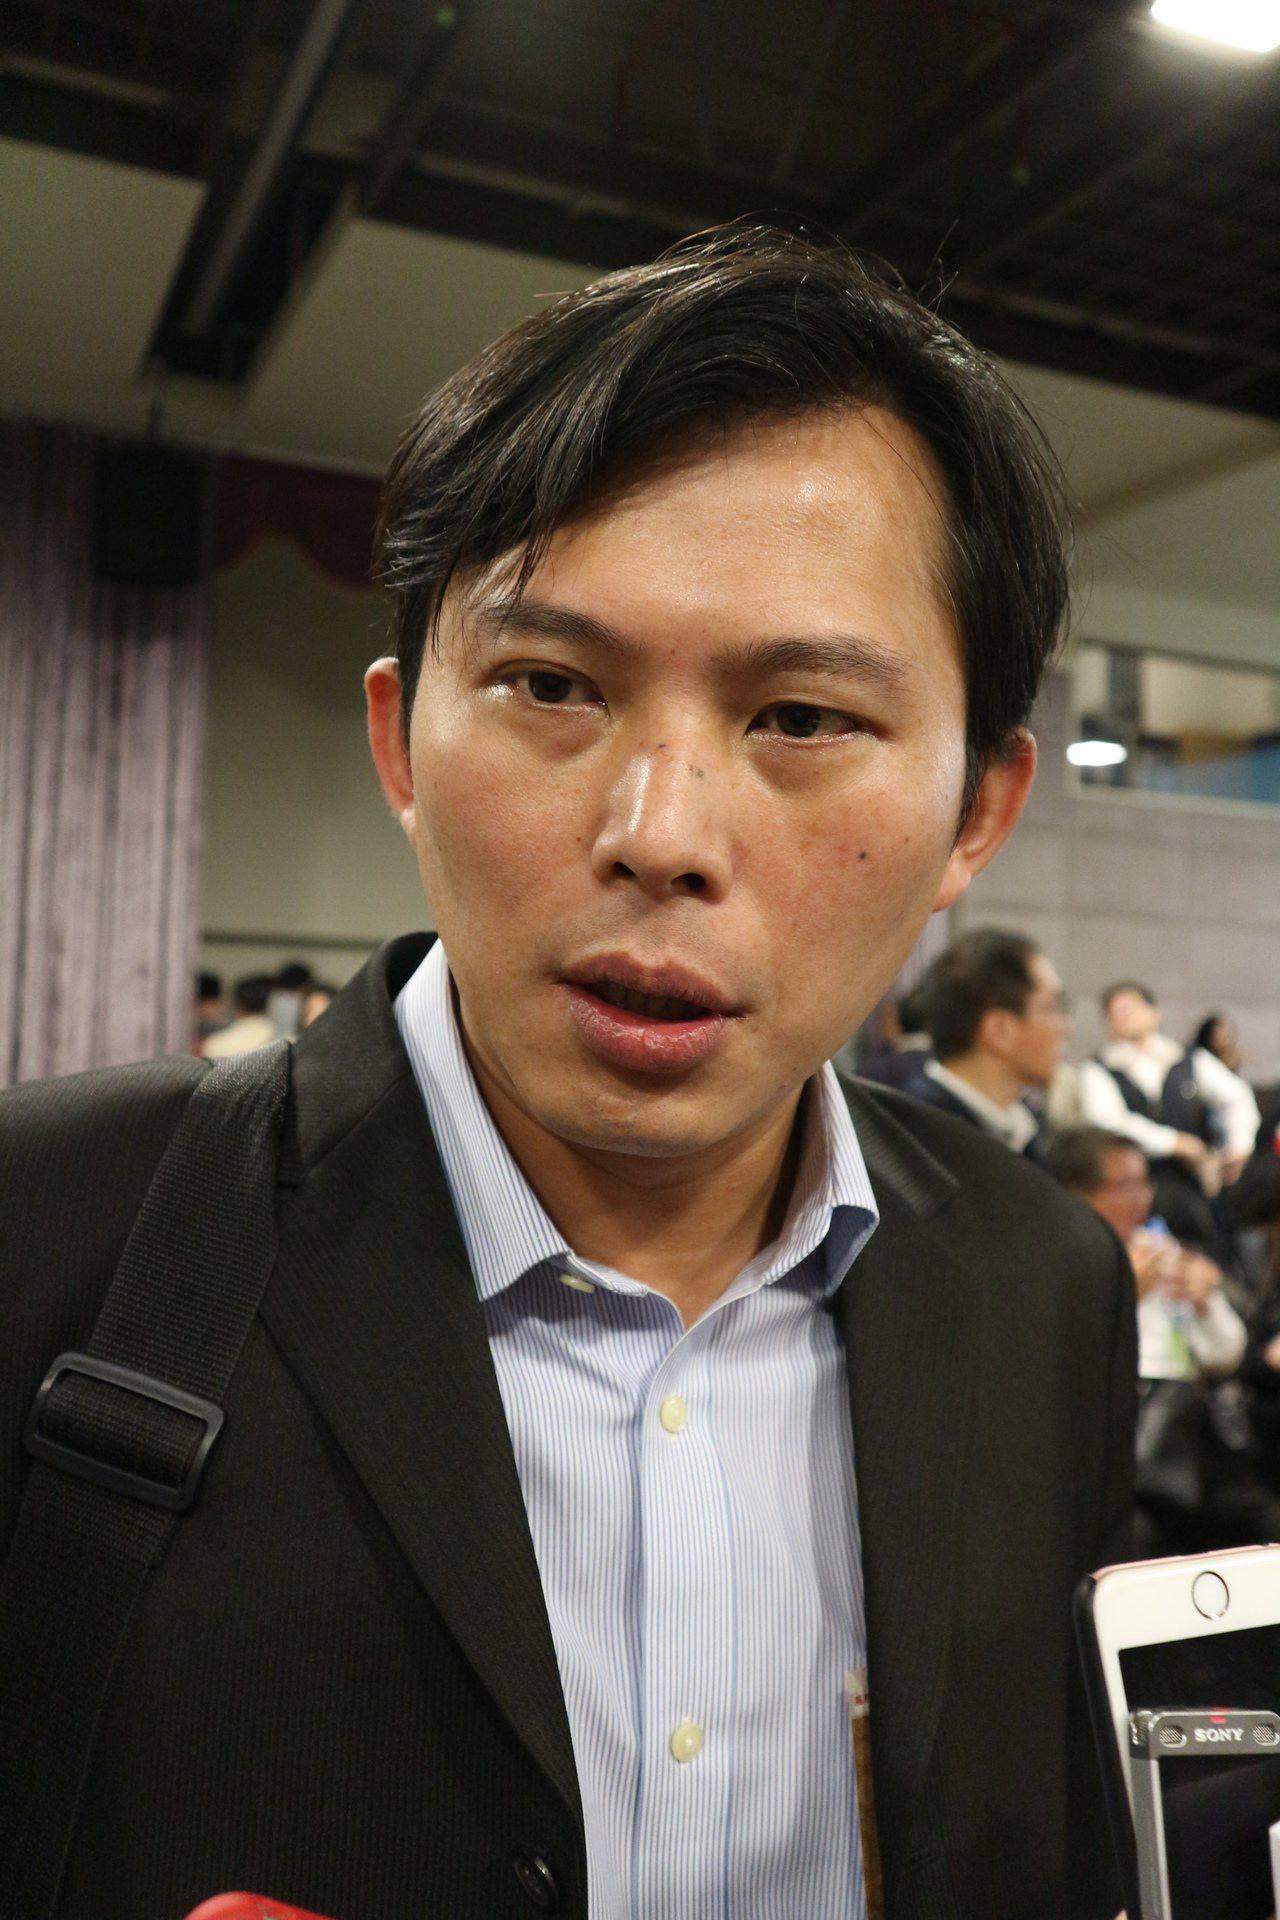 立委黃國昌今在核食公聽會場針對罷免連署一事回應。記者陳雨鑫/攝影